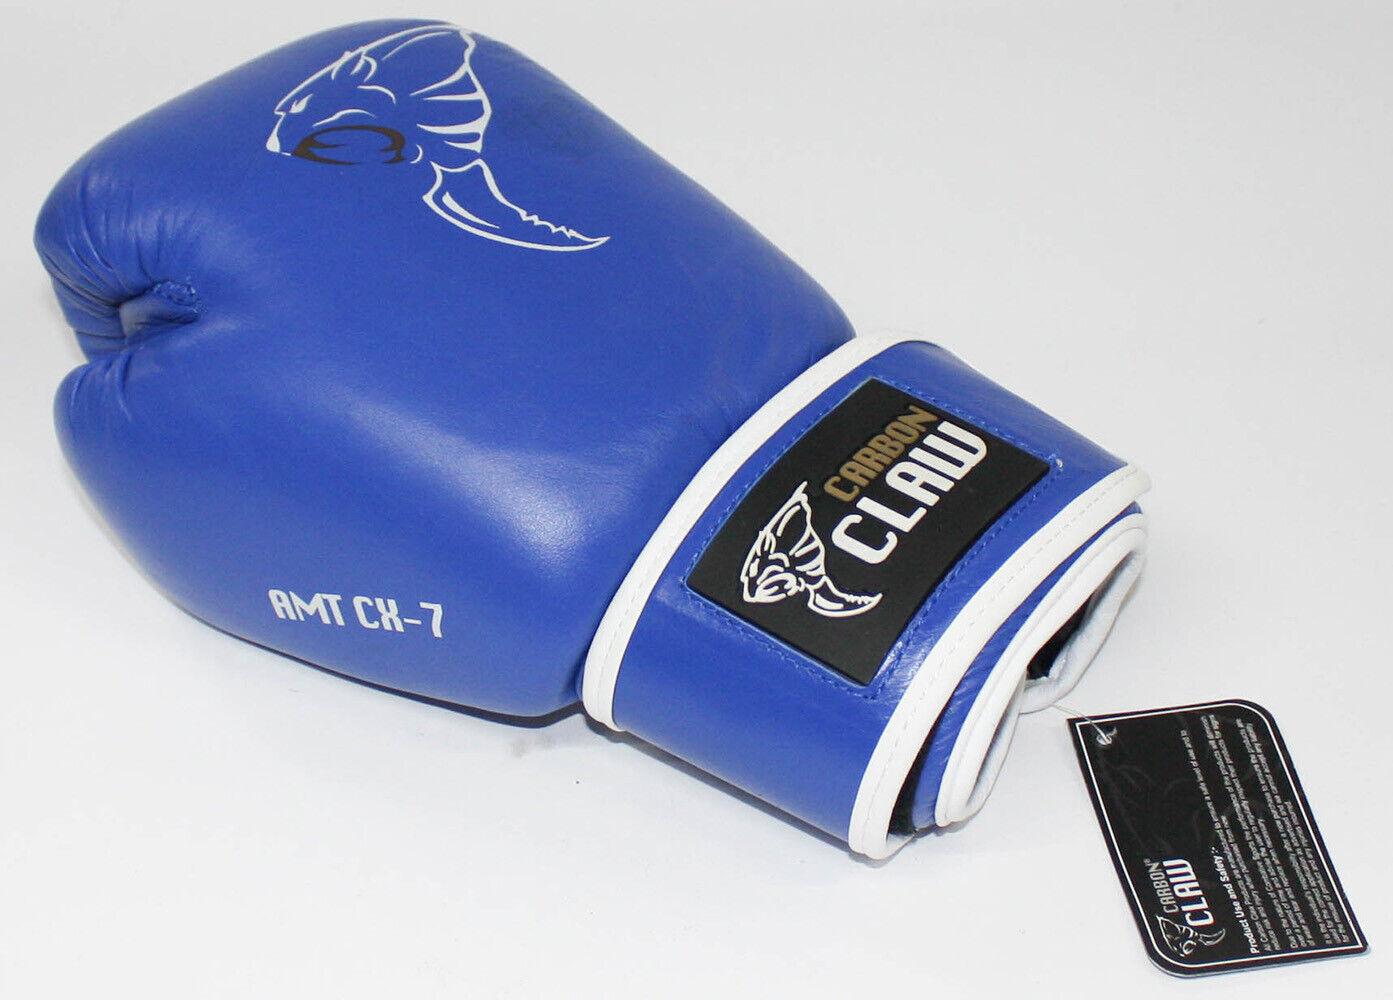 autobon Artiglio Guantoni da scatola con Amt cx7 Sparring Guanti 10oz Blu